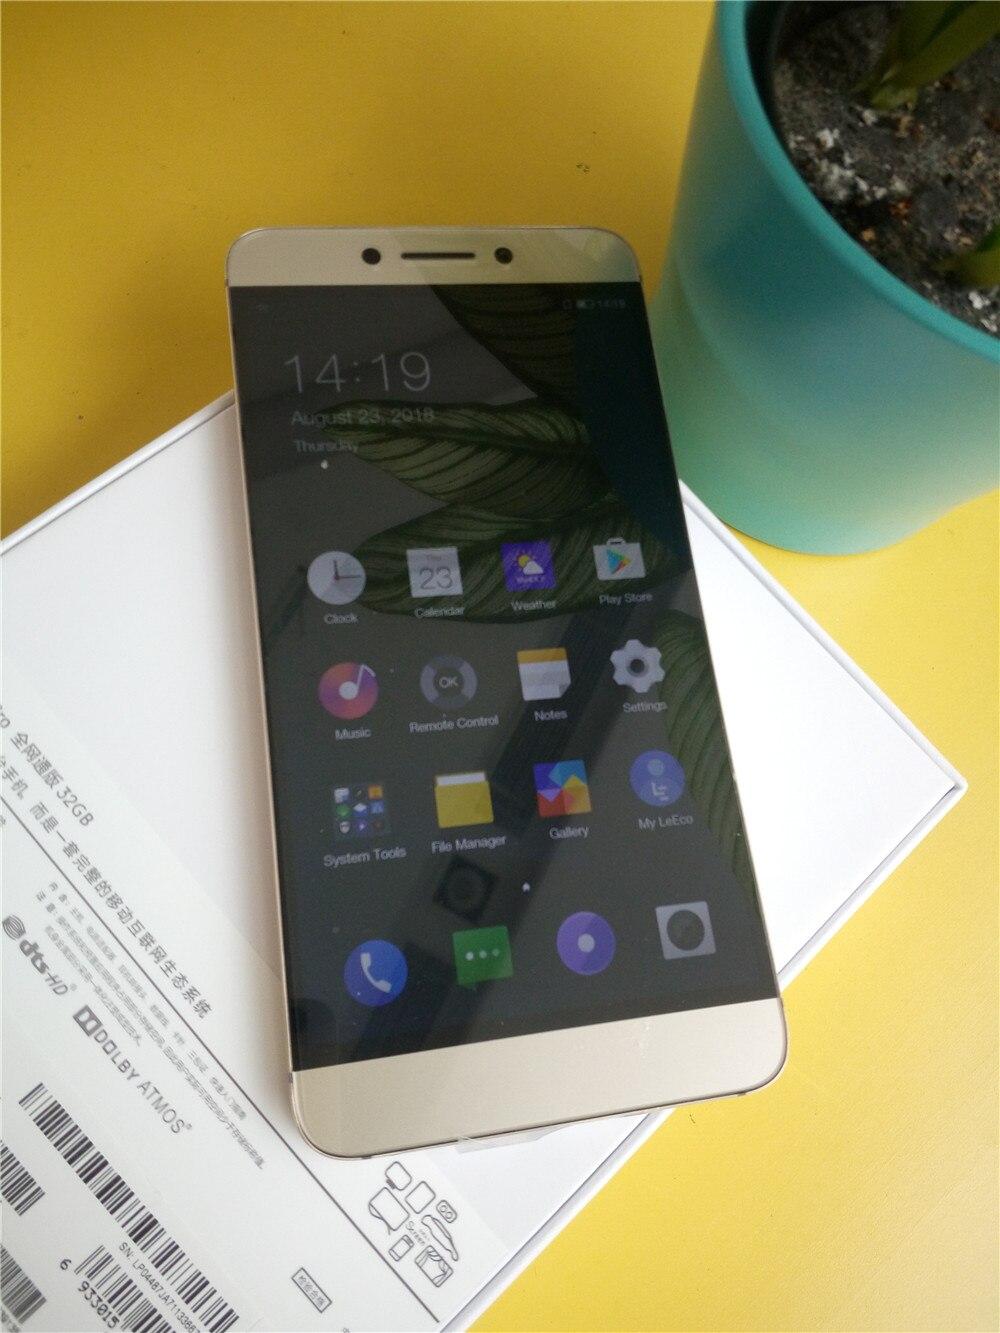 5.5 pouce Mobile Téléphone Letv Leeco Le 2 pro X625/Le S3 X626/Le 2X620 MTK helio Deca Core OS 6.0 4 gb + 32 gb ROM FDD LTE 4g 3000 mah